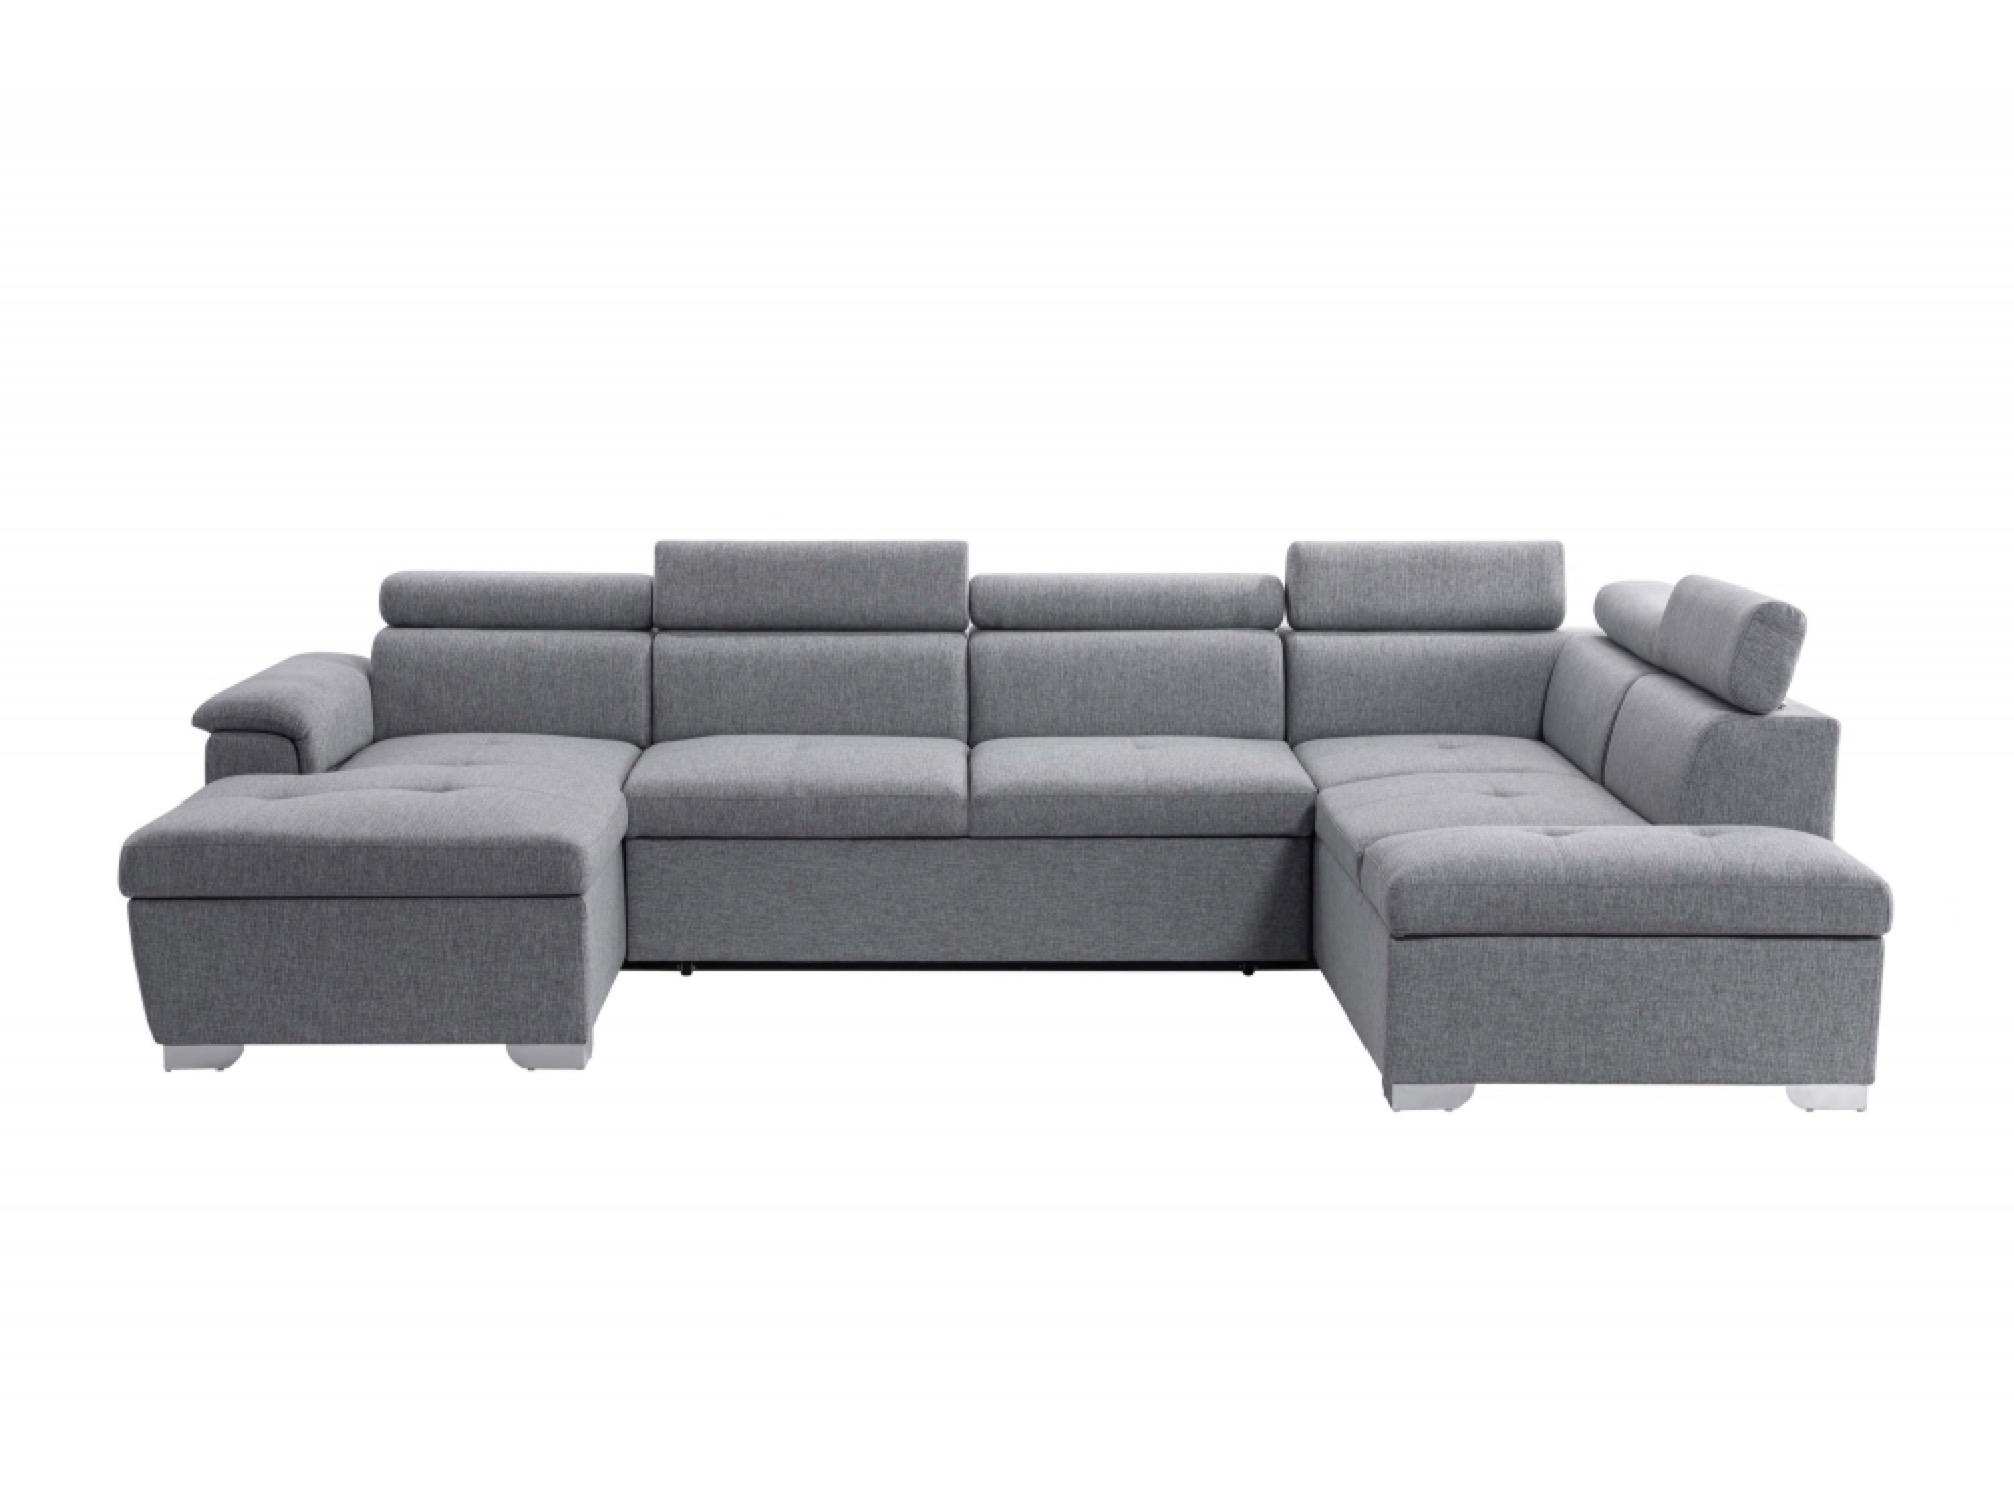 Canapé panoramique convertible avec coffre de rangement en tissu gris